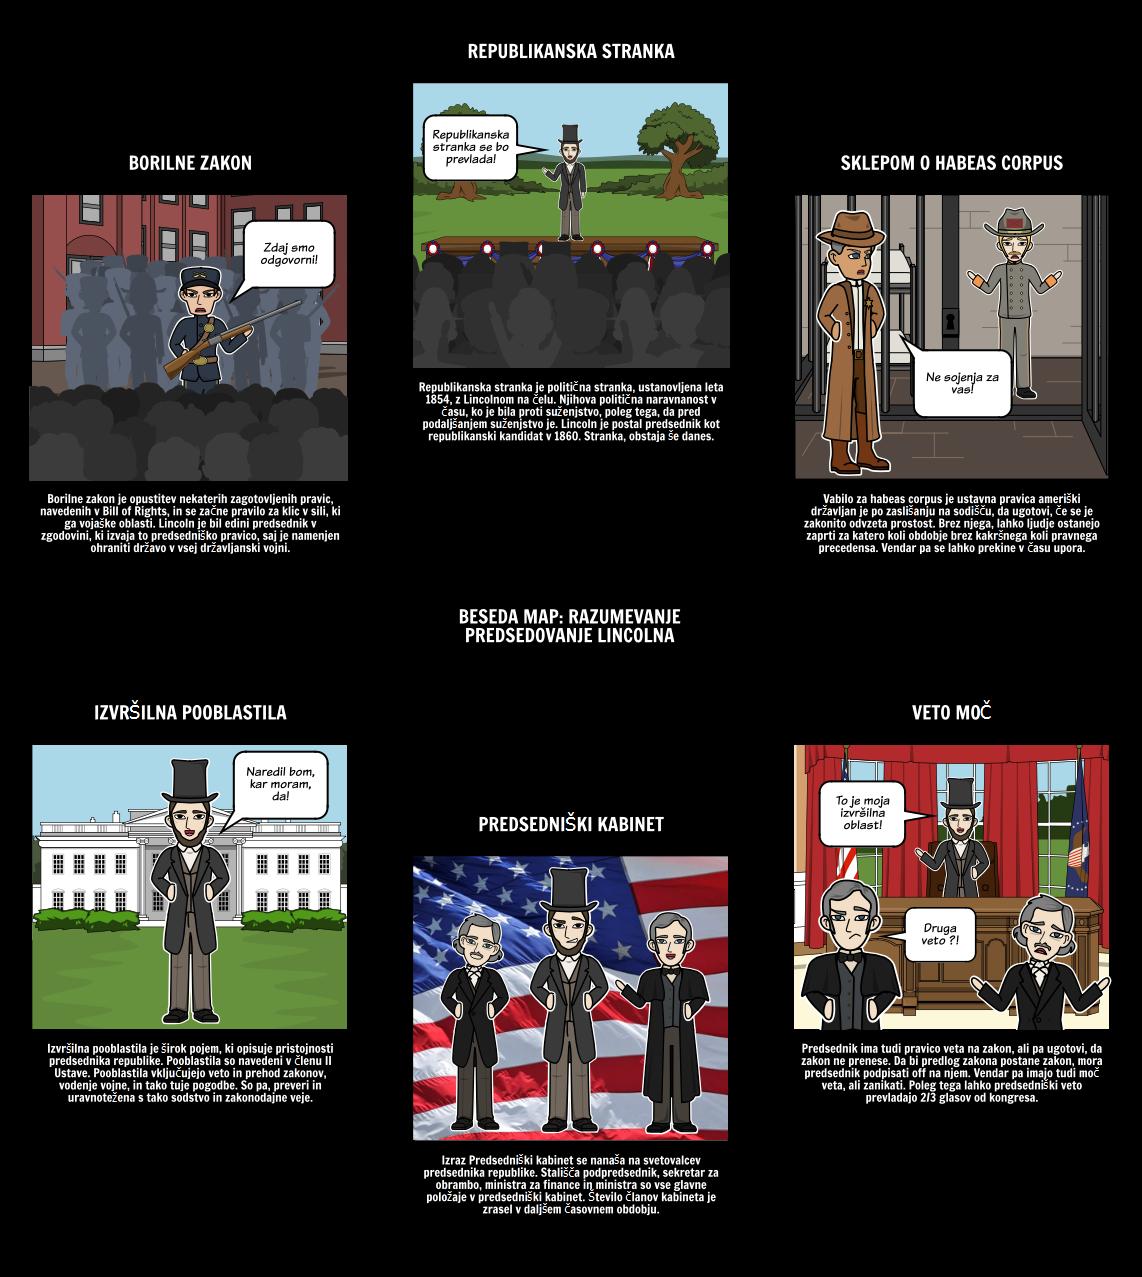 Abraham Lincoln Predsedstvo Beseda Zemljevid